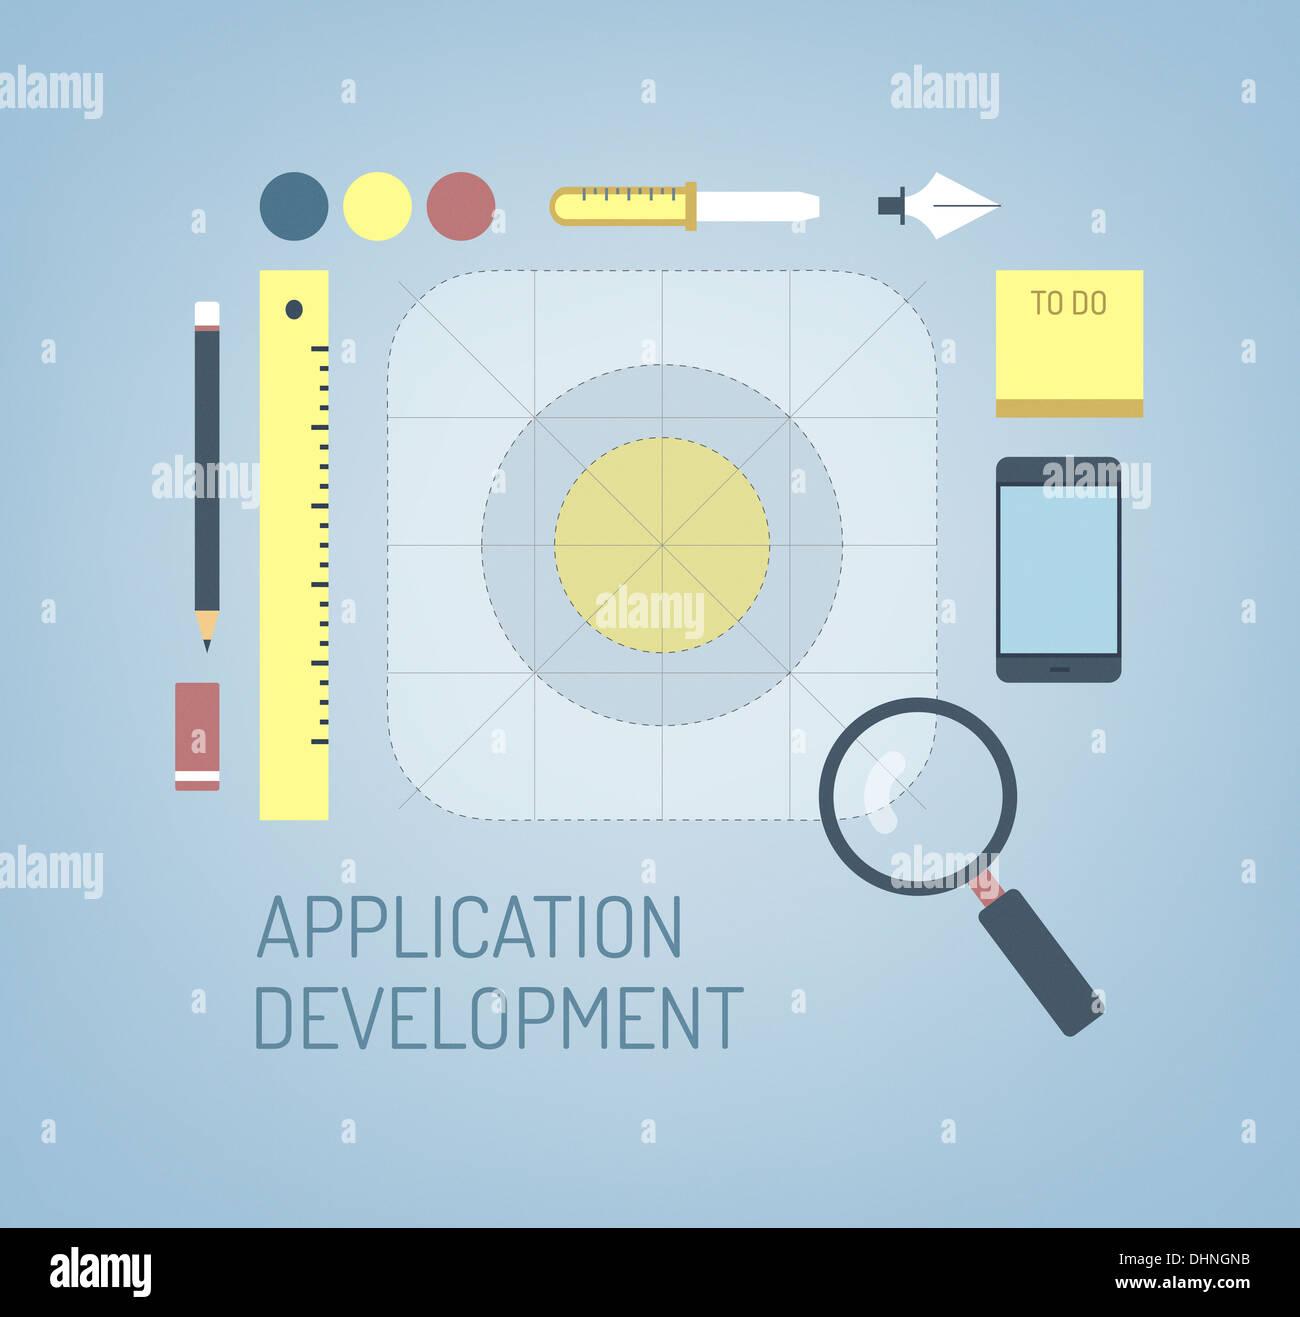 Illustrazione moderno concetto di ricerca, la creazione e il processo di sviluppo di una nuova applicazione icona Foto Stock